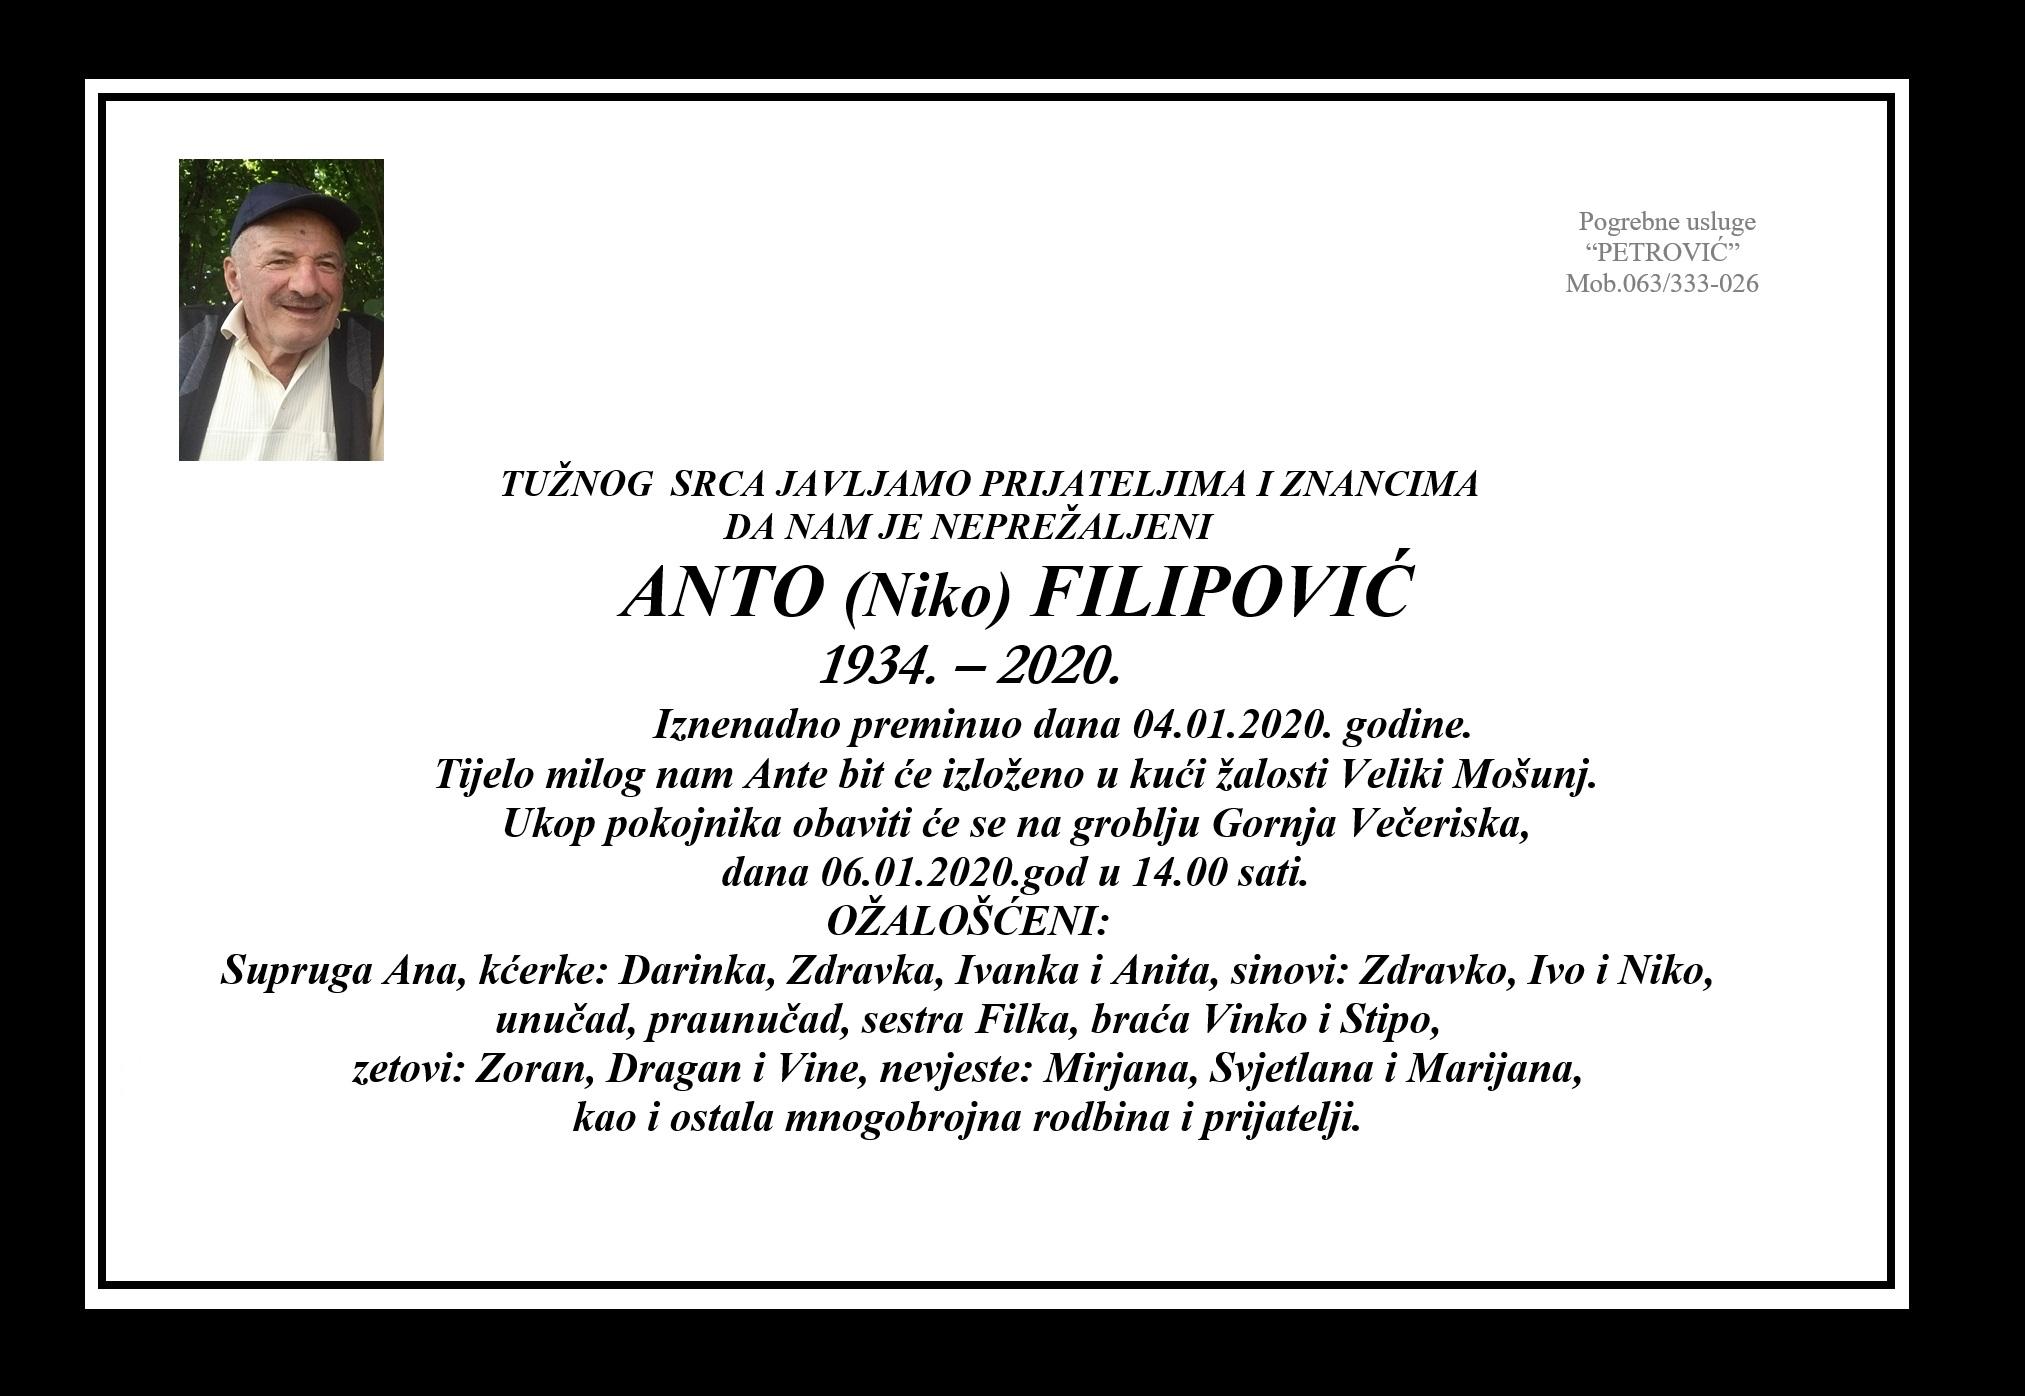 Anto (Niko) Filipović